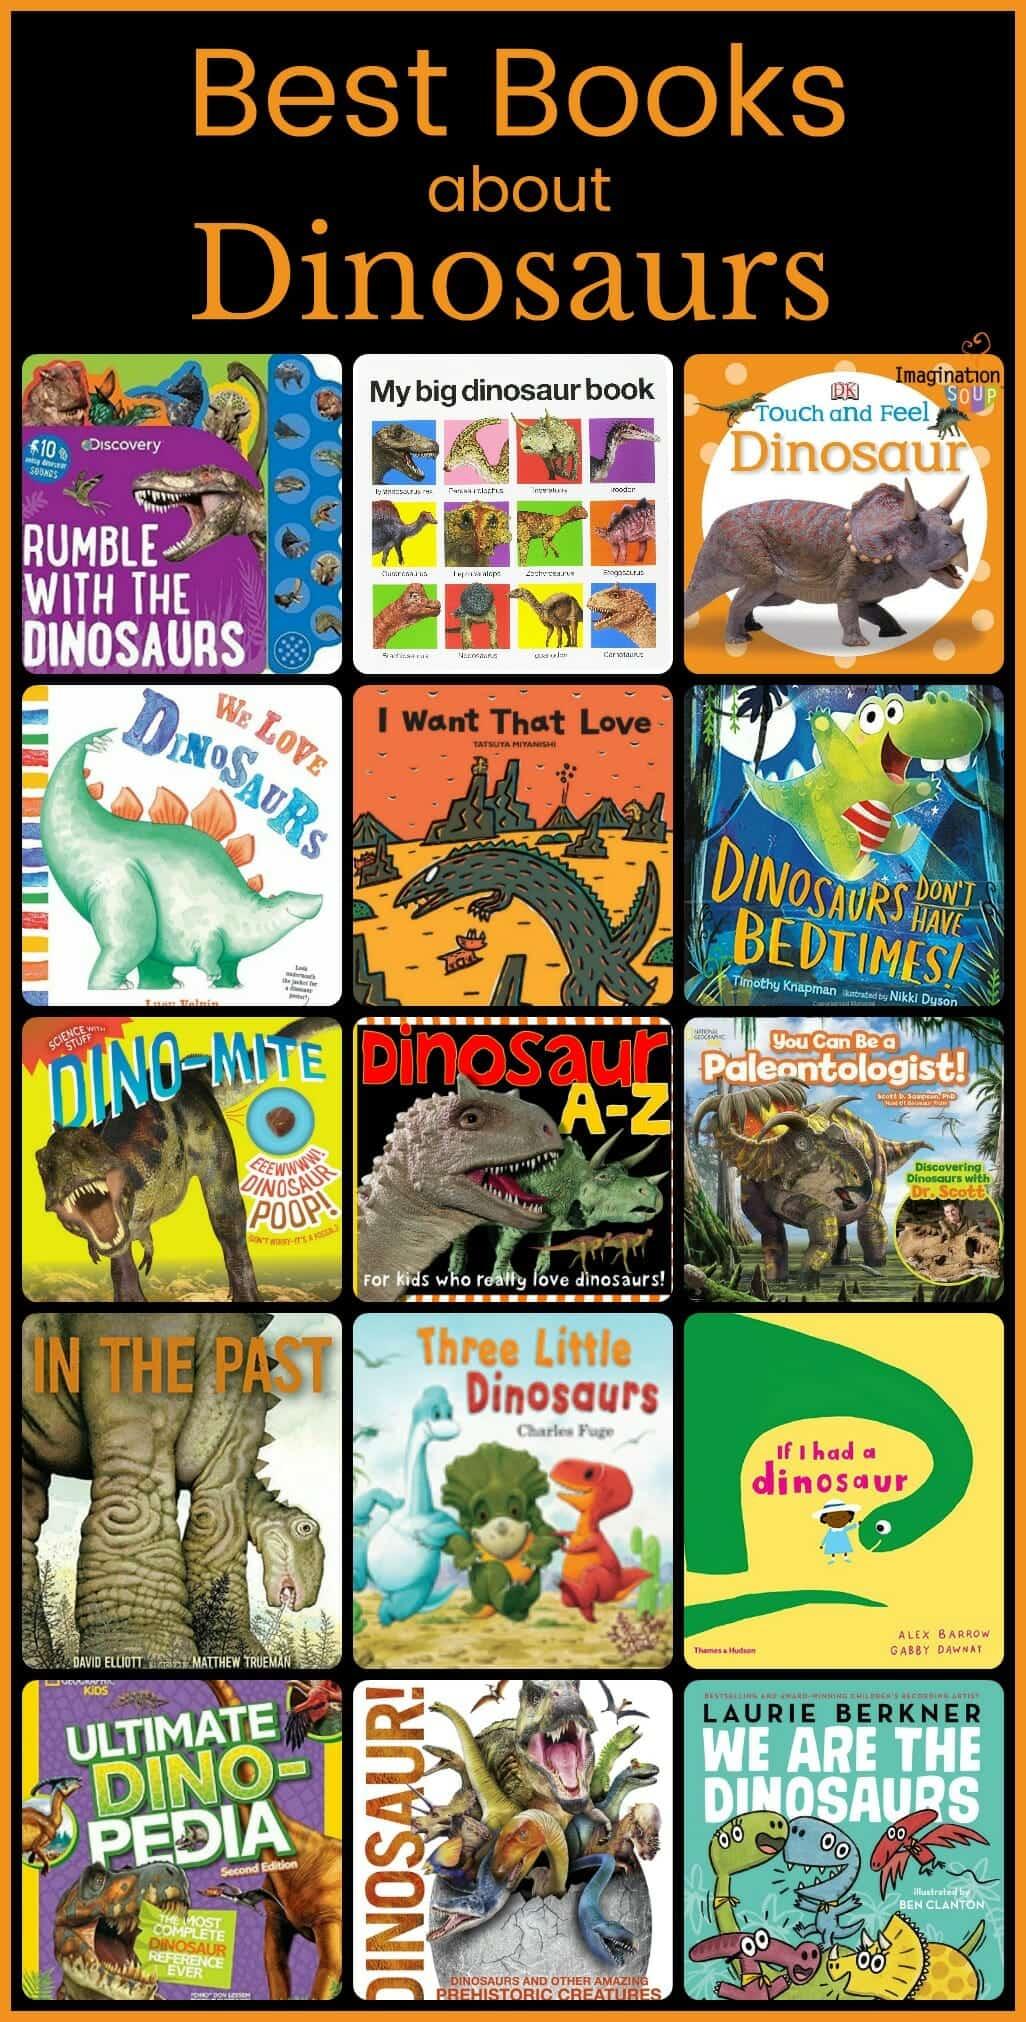 best dinosaurs books for kids